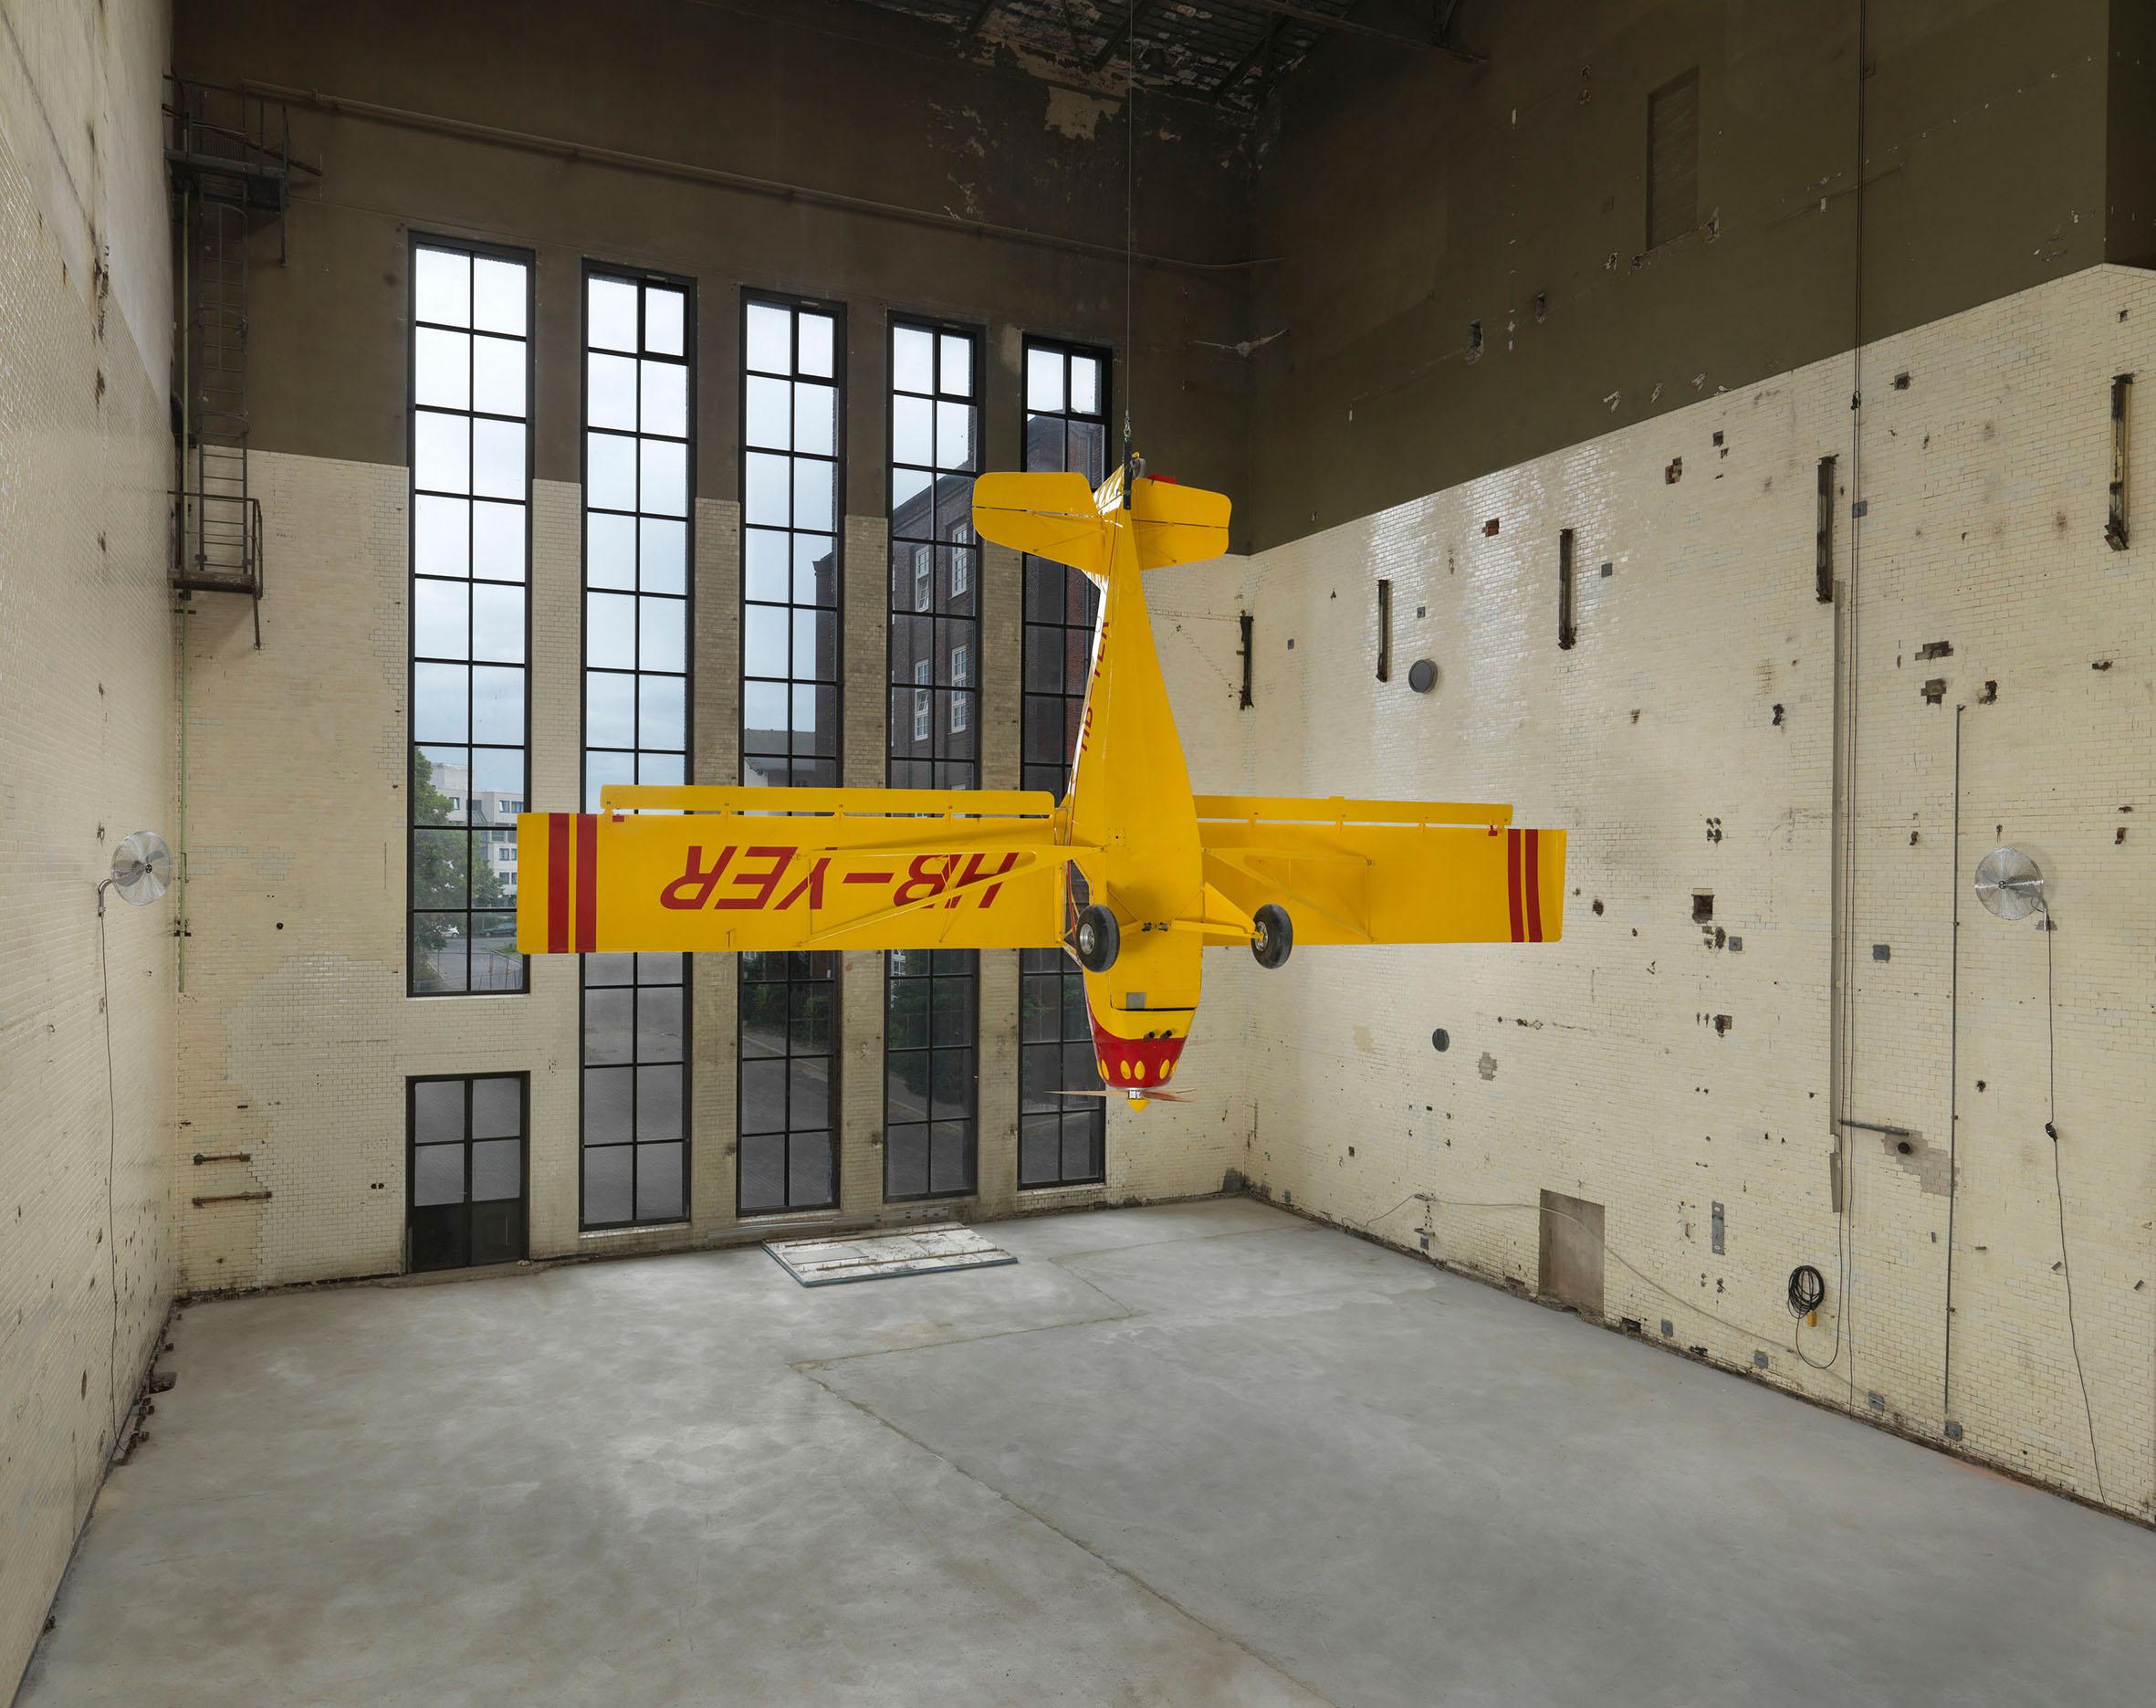 Image: Roman Signer, Kitfox Experimental, 2014. Installation in KINDL's Kesselhaus (Boiler House), September 14, 2014 - June 28, 2015. Photo: Jens Ziehe.